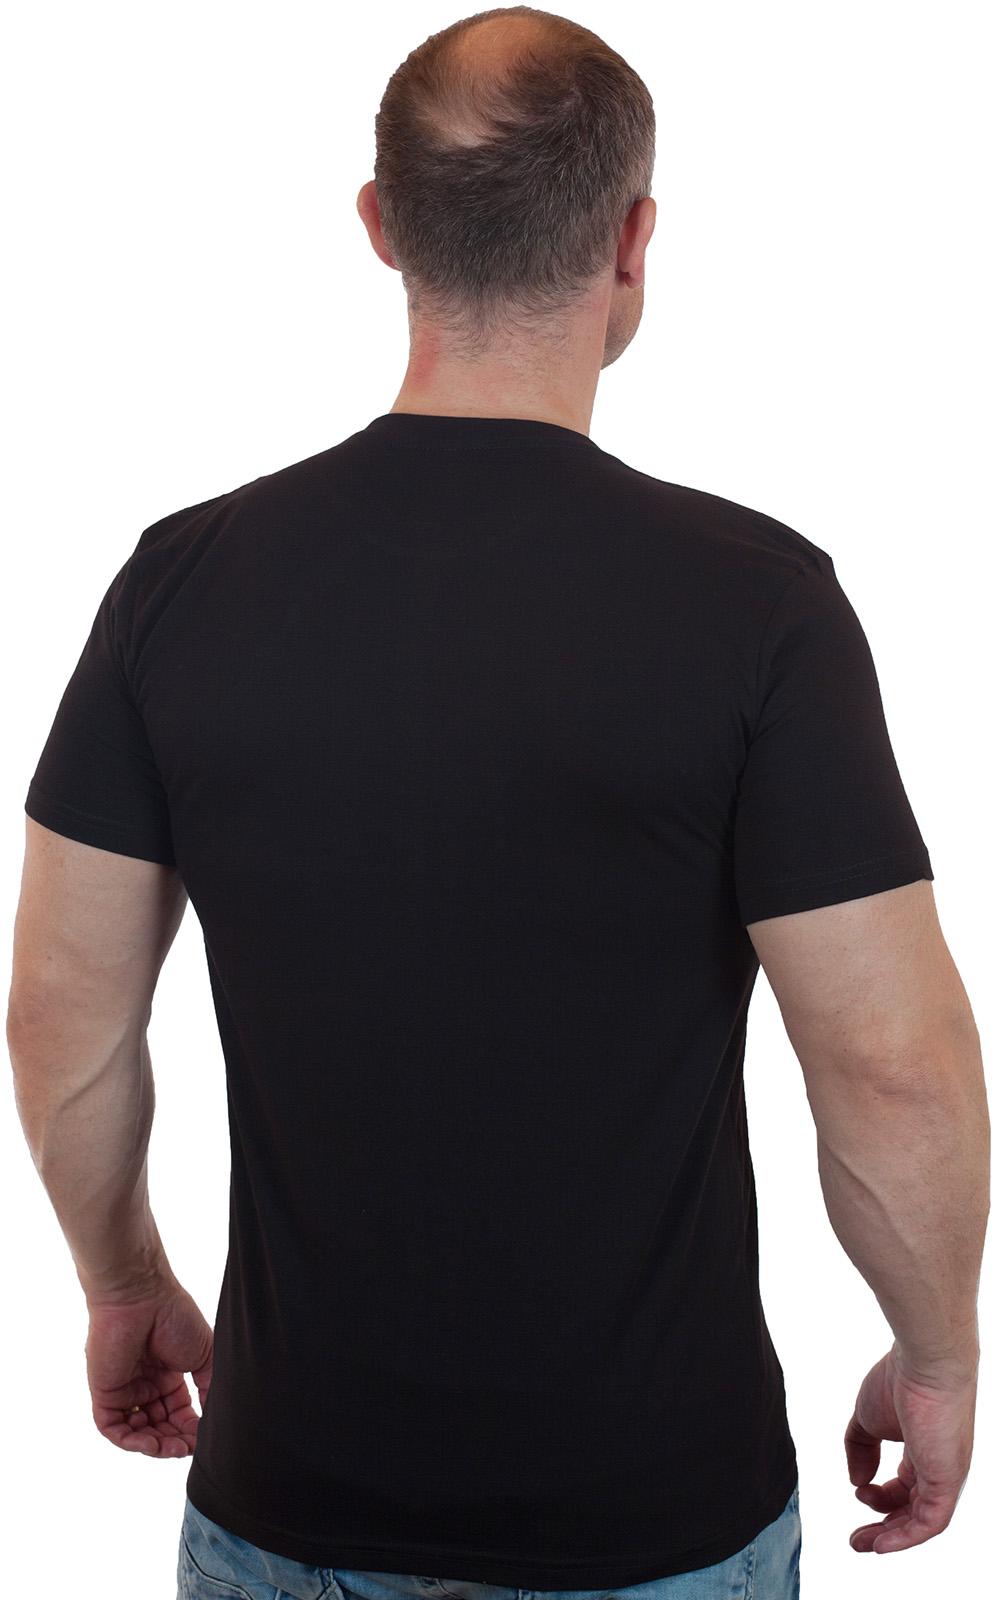 Мужская футболка с вышитым шевроном Северо-Западный округ МВД - купить с доставкой